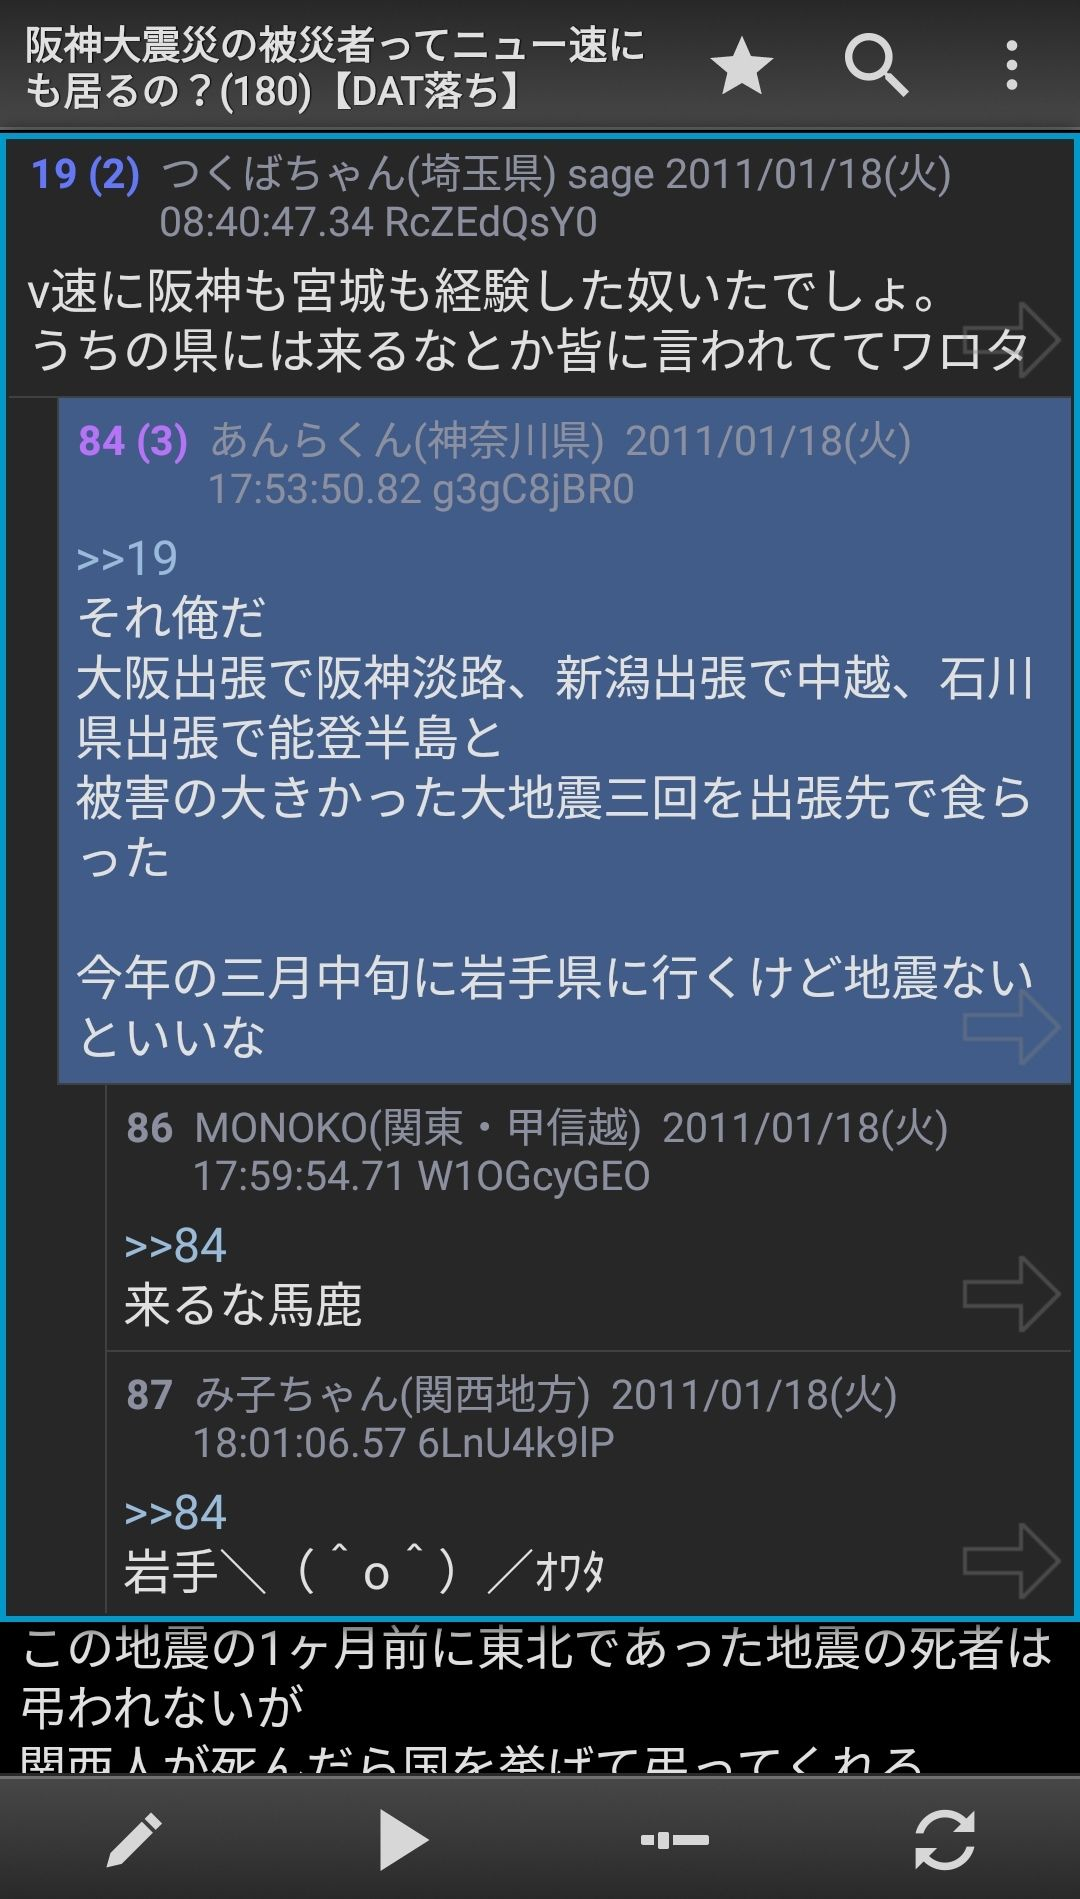 【相模トラフ】出張「地震男」の故郷みたいだし、次の大地震は「神奈川県」が有力候補地だよな?